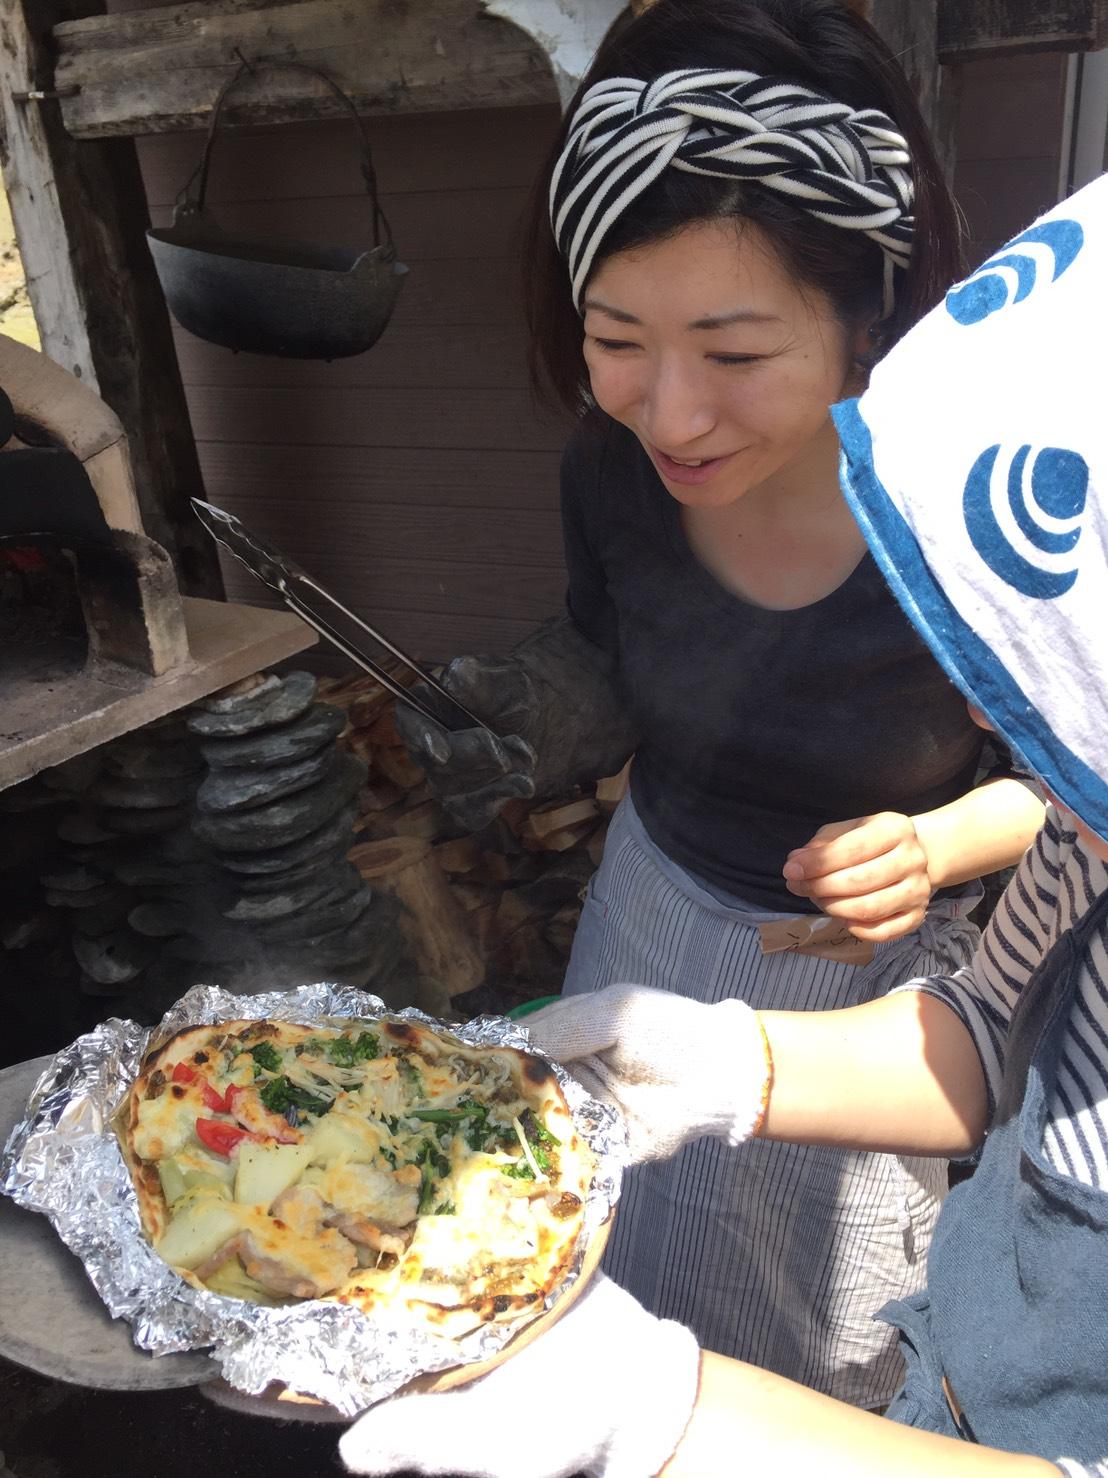 ピザは窯に入れて回しながら焼いて、あっという間に焼きあがります。